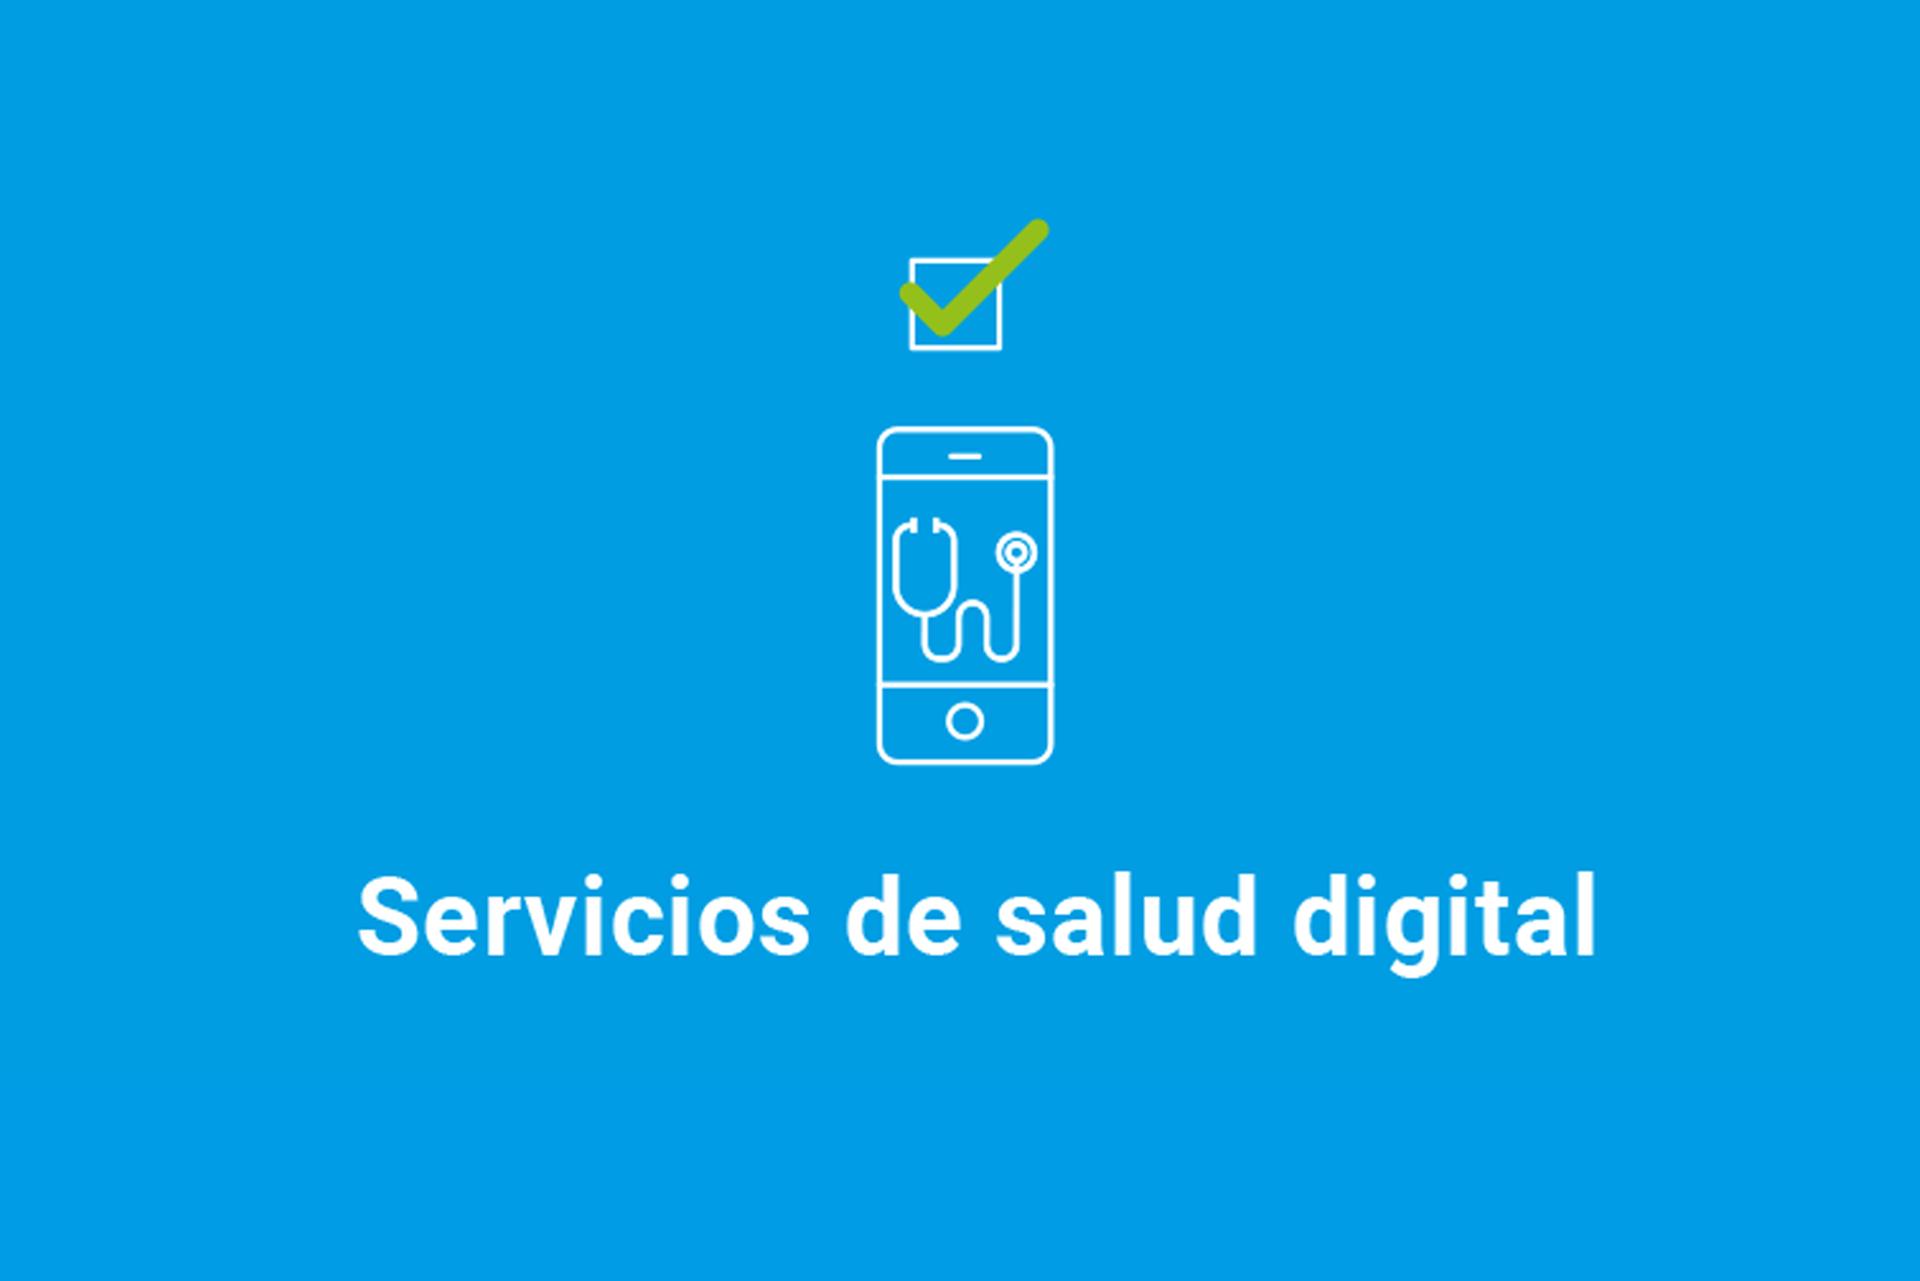 Seguro de salud con servicio digital